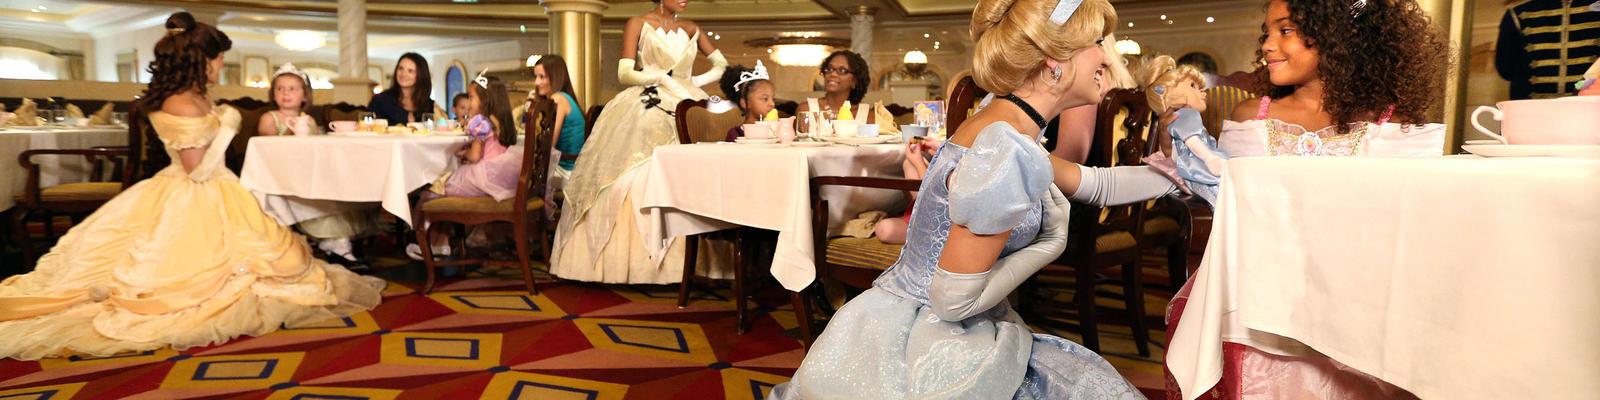 Disney Fantasy Cruise Ship